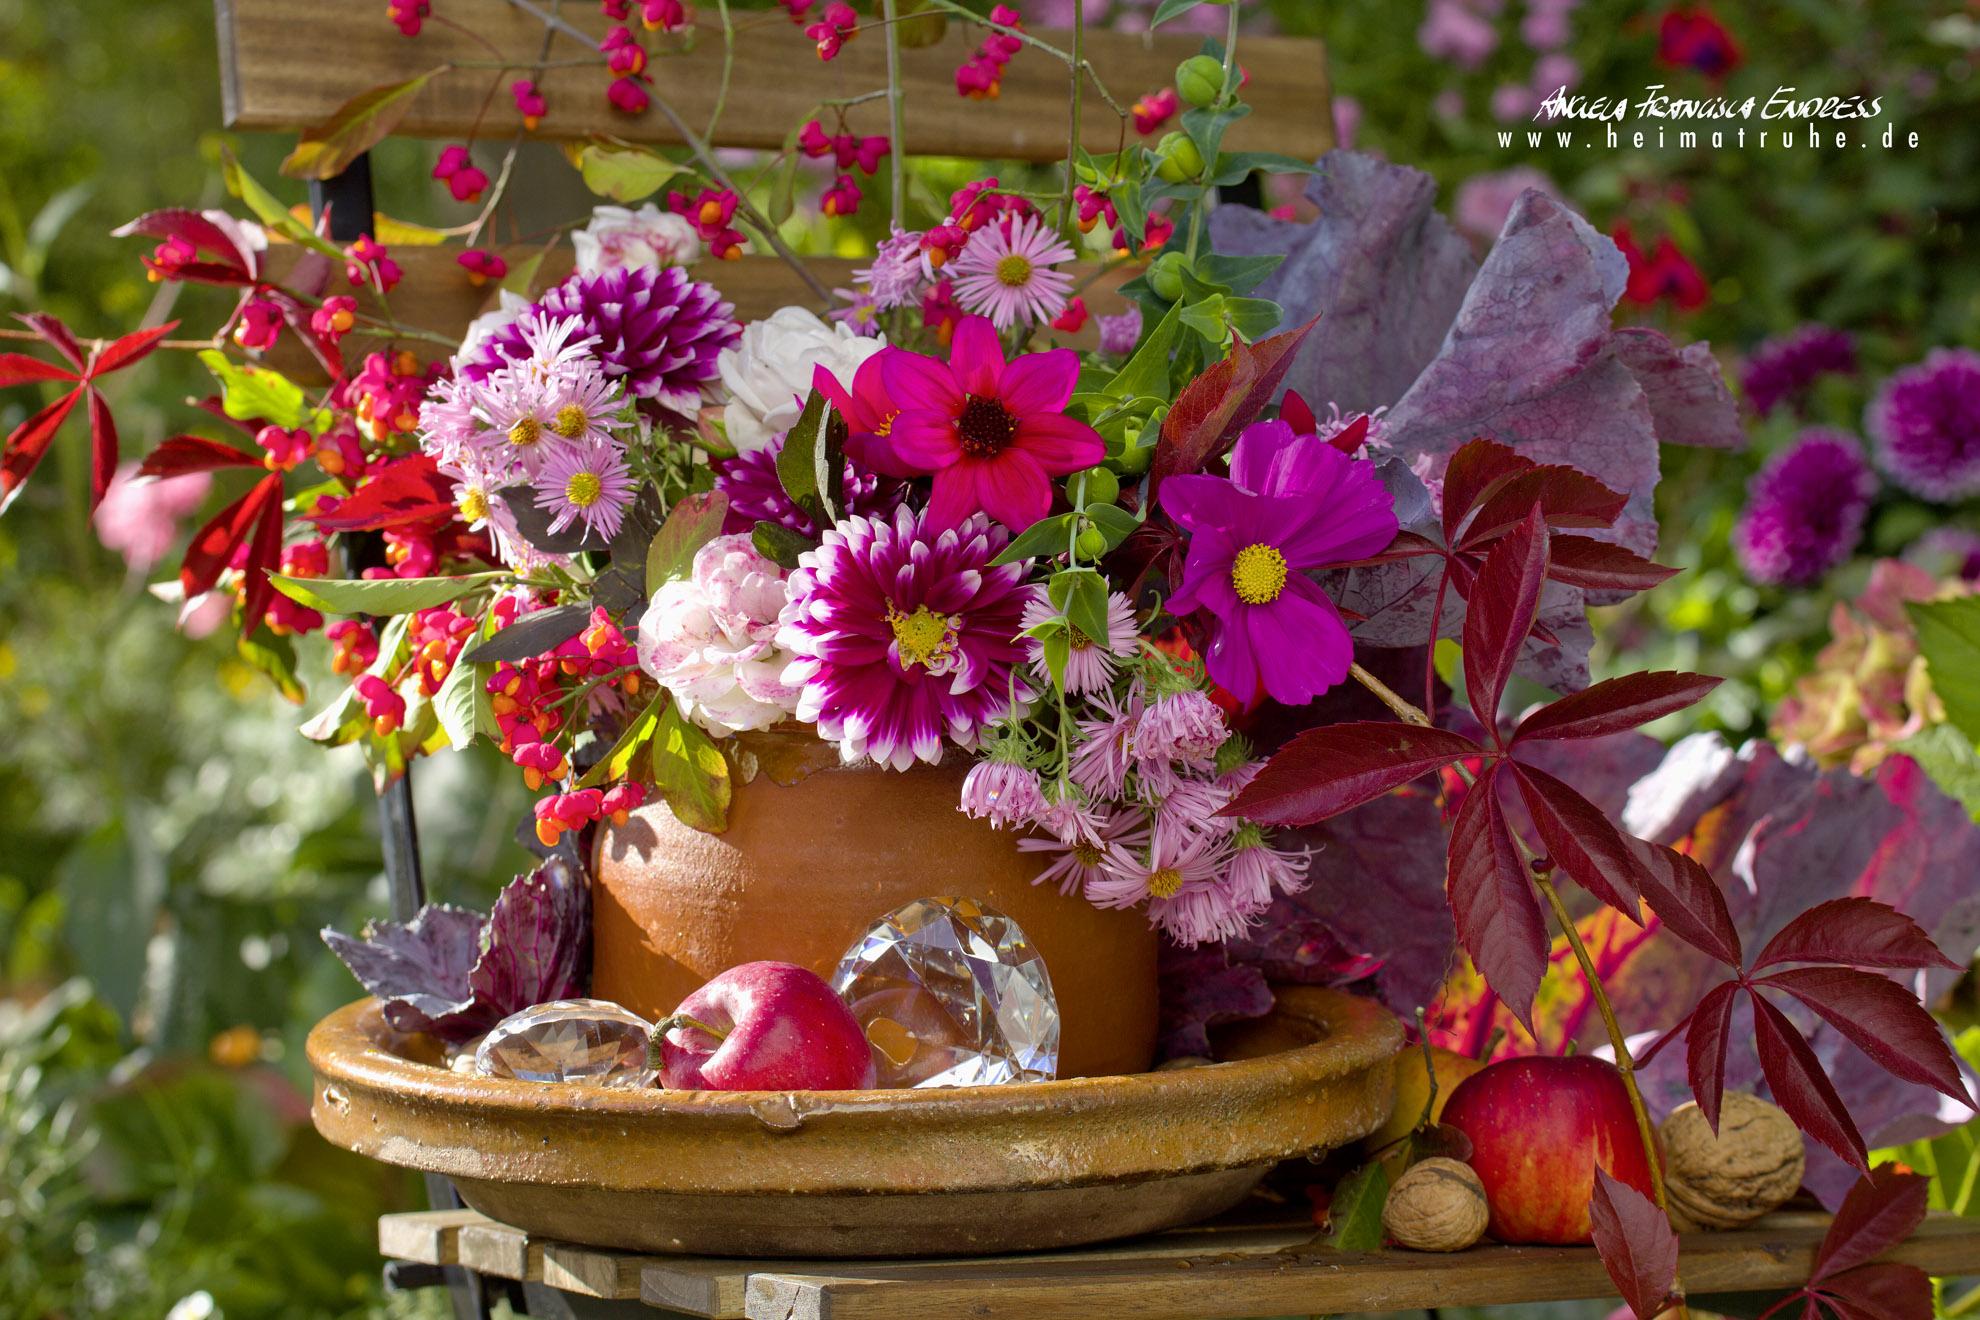 Herbststrauss mit Dahlien Pfaffenhütchen, Kohlblättern, Riesenklunkern, Glasprismen, Astern, Jungfernrebe